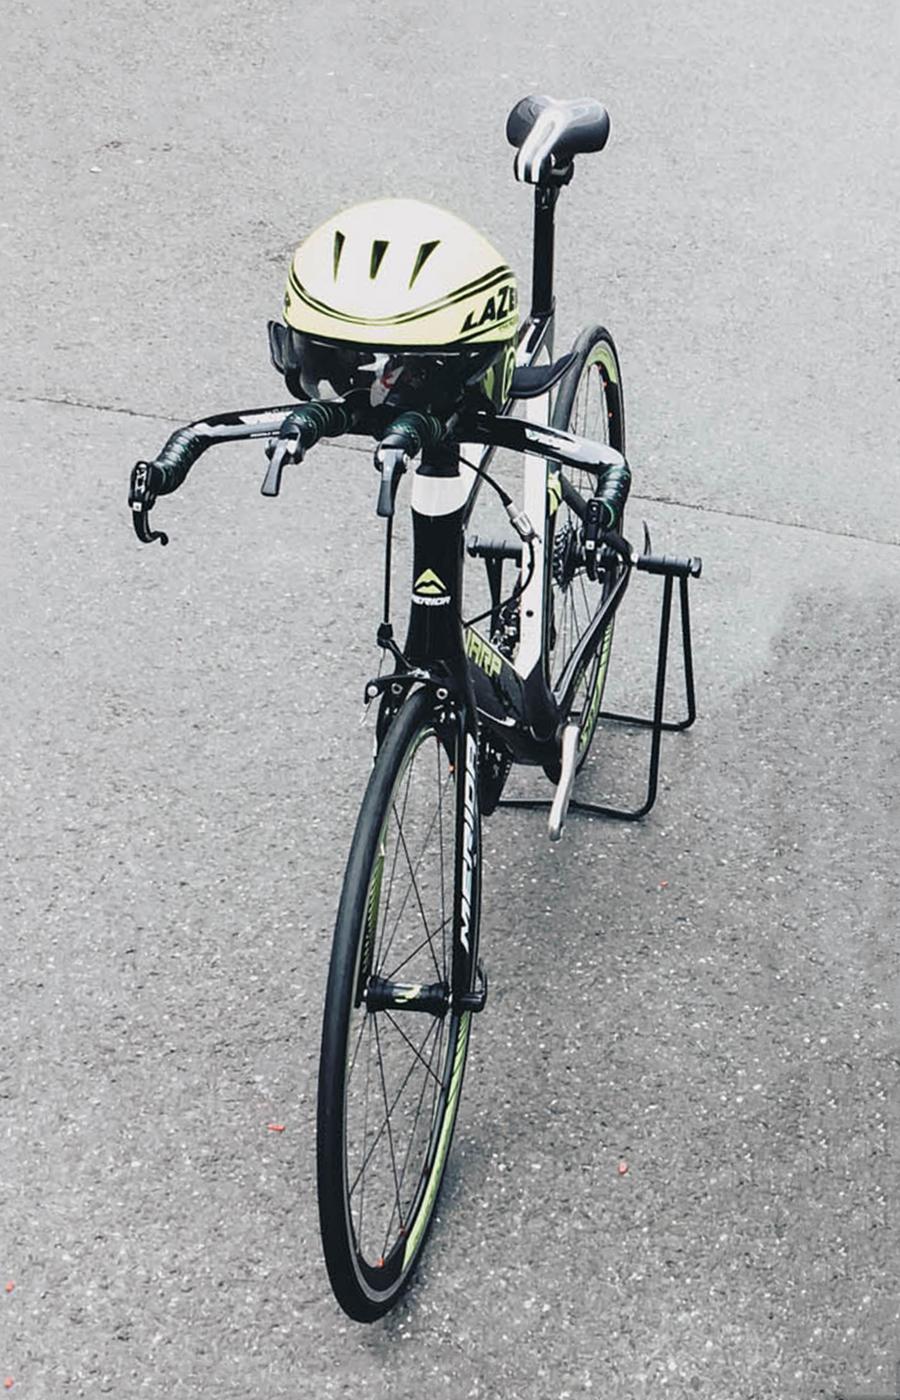 Victor Aero-Helm von Lazer mit vielen aerodynamischen Eigenschaften